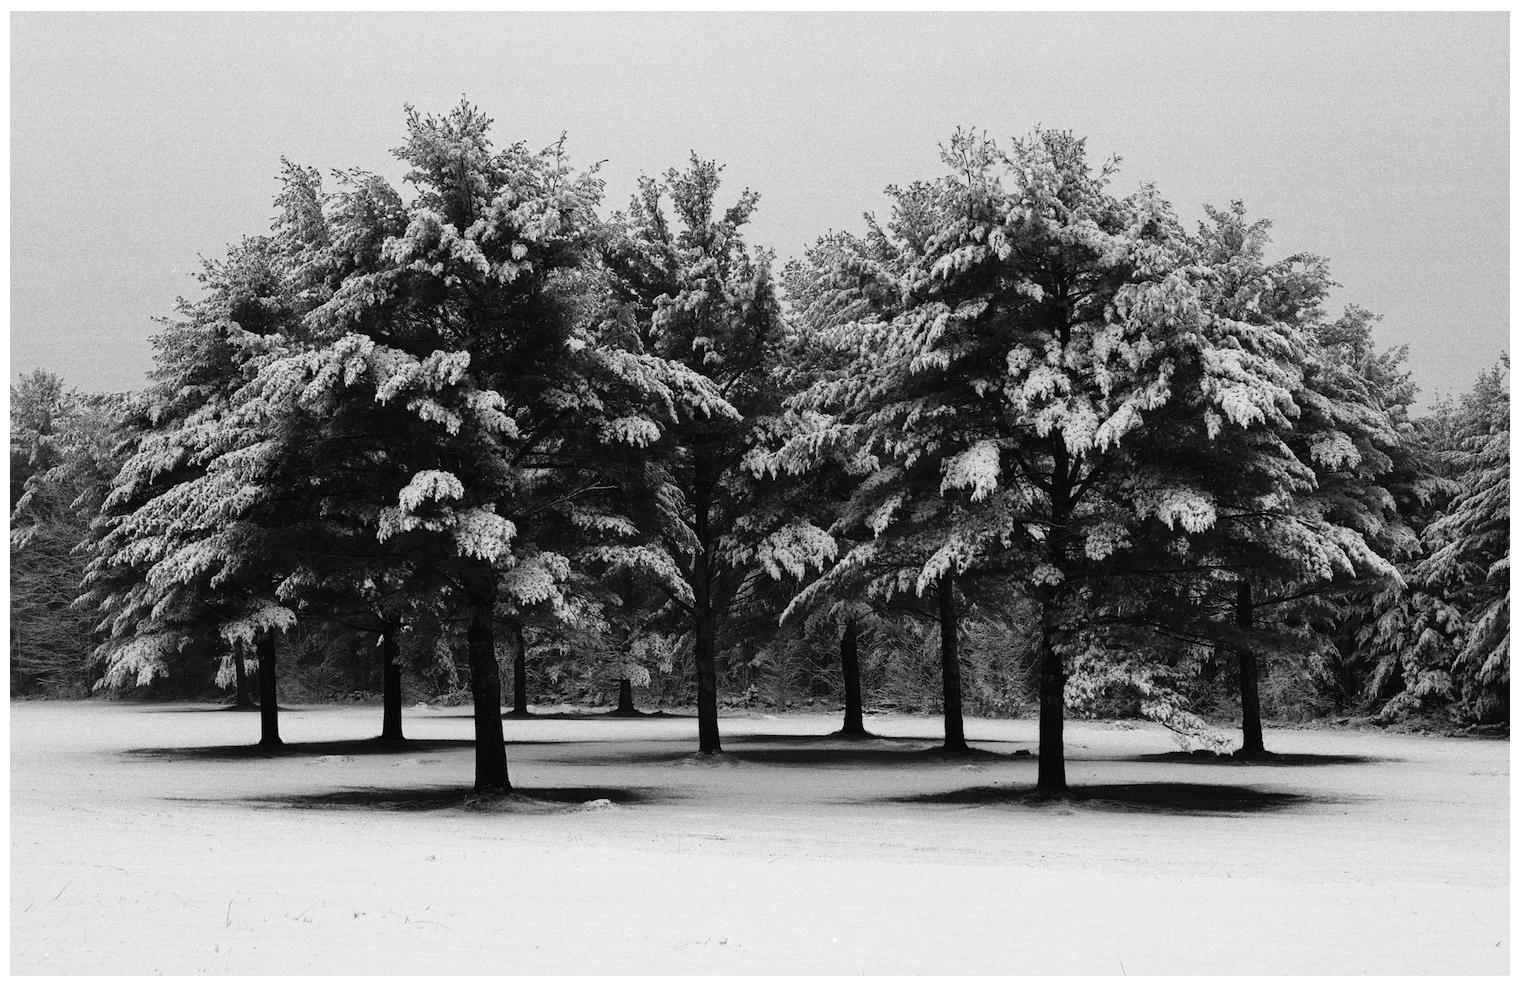 Tree Stand; Otisfield, Maine